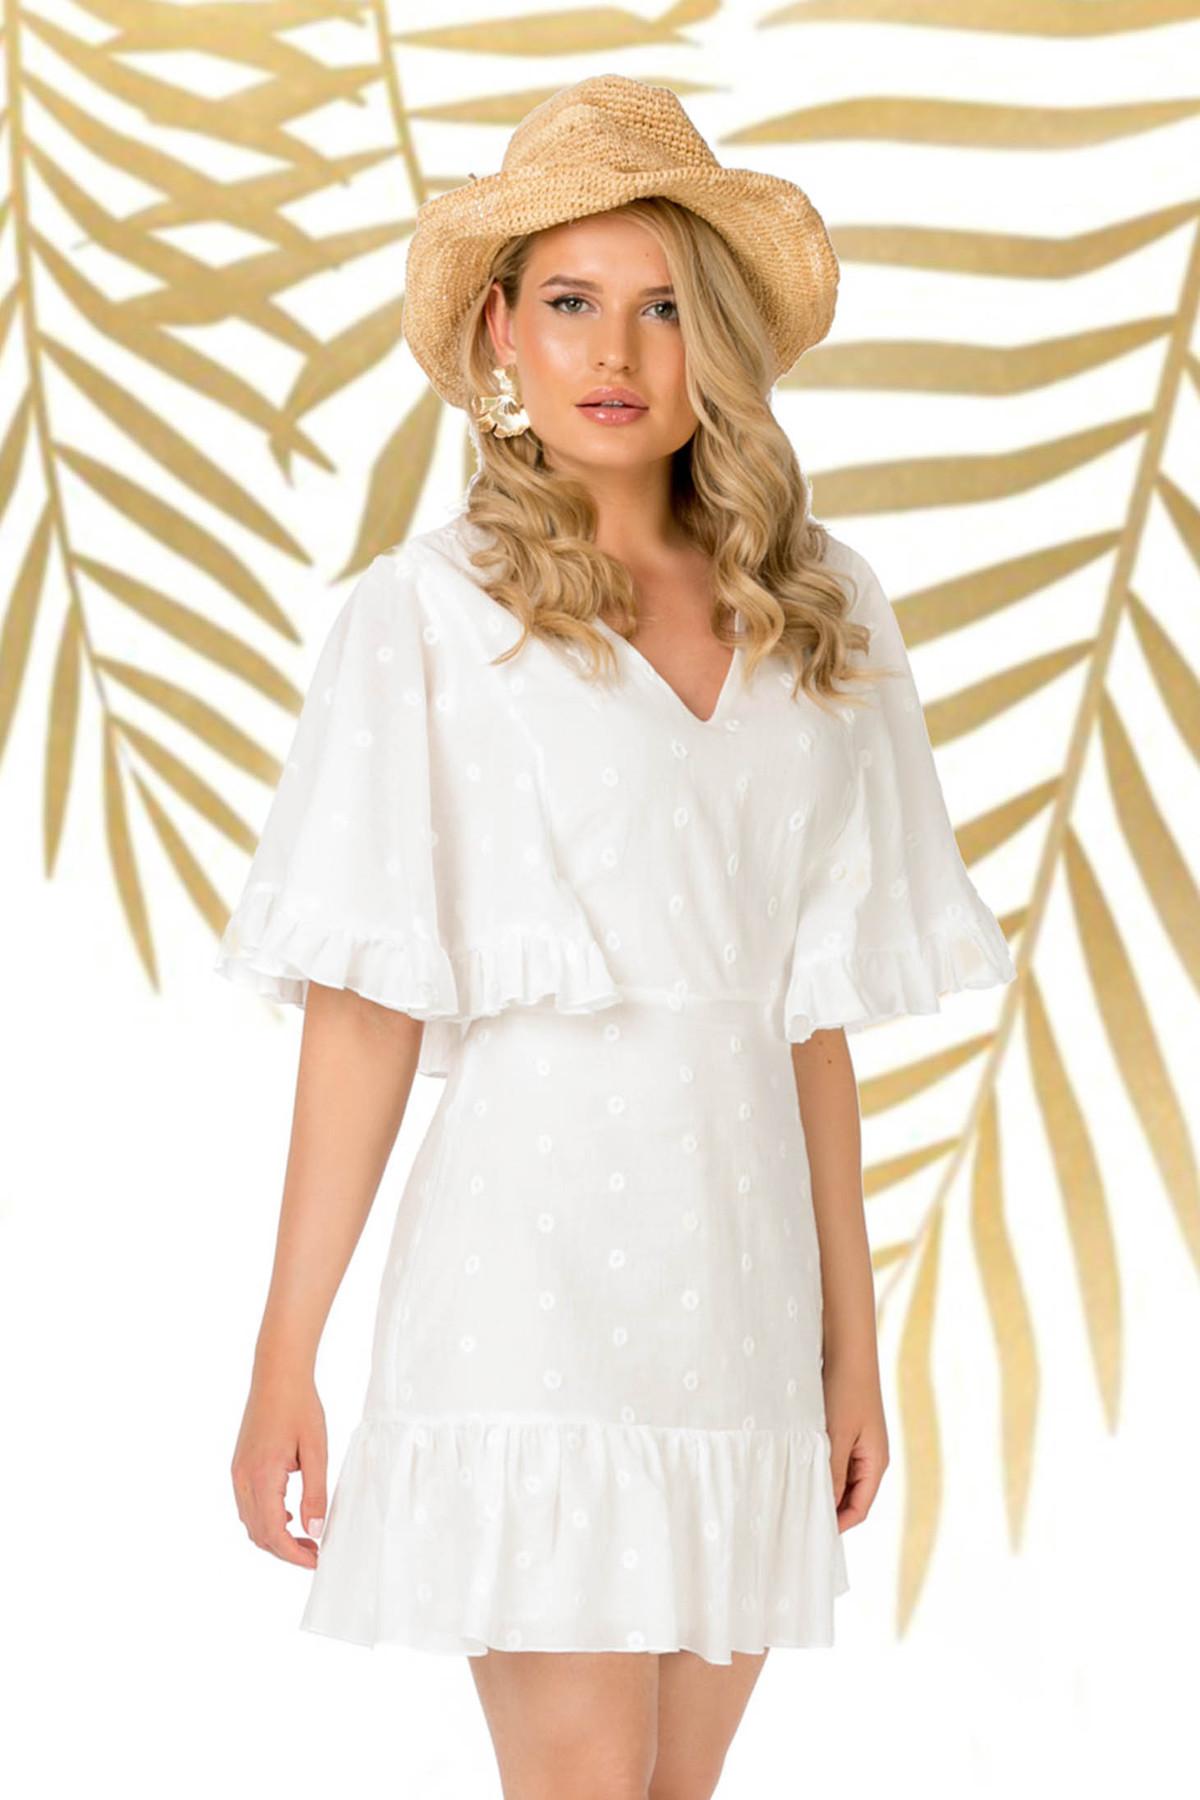 Rochie PrettyGirl alba de zi scurta cu croi in a cu maneci tip fluture cu volanase la baza rochiei din bumbac